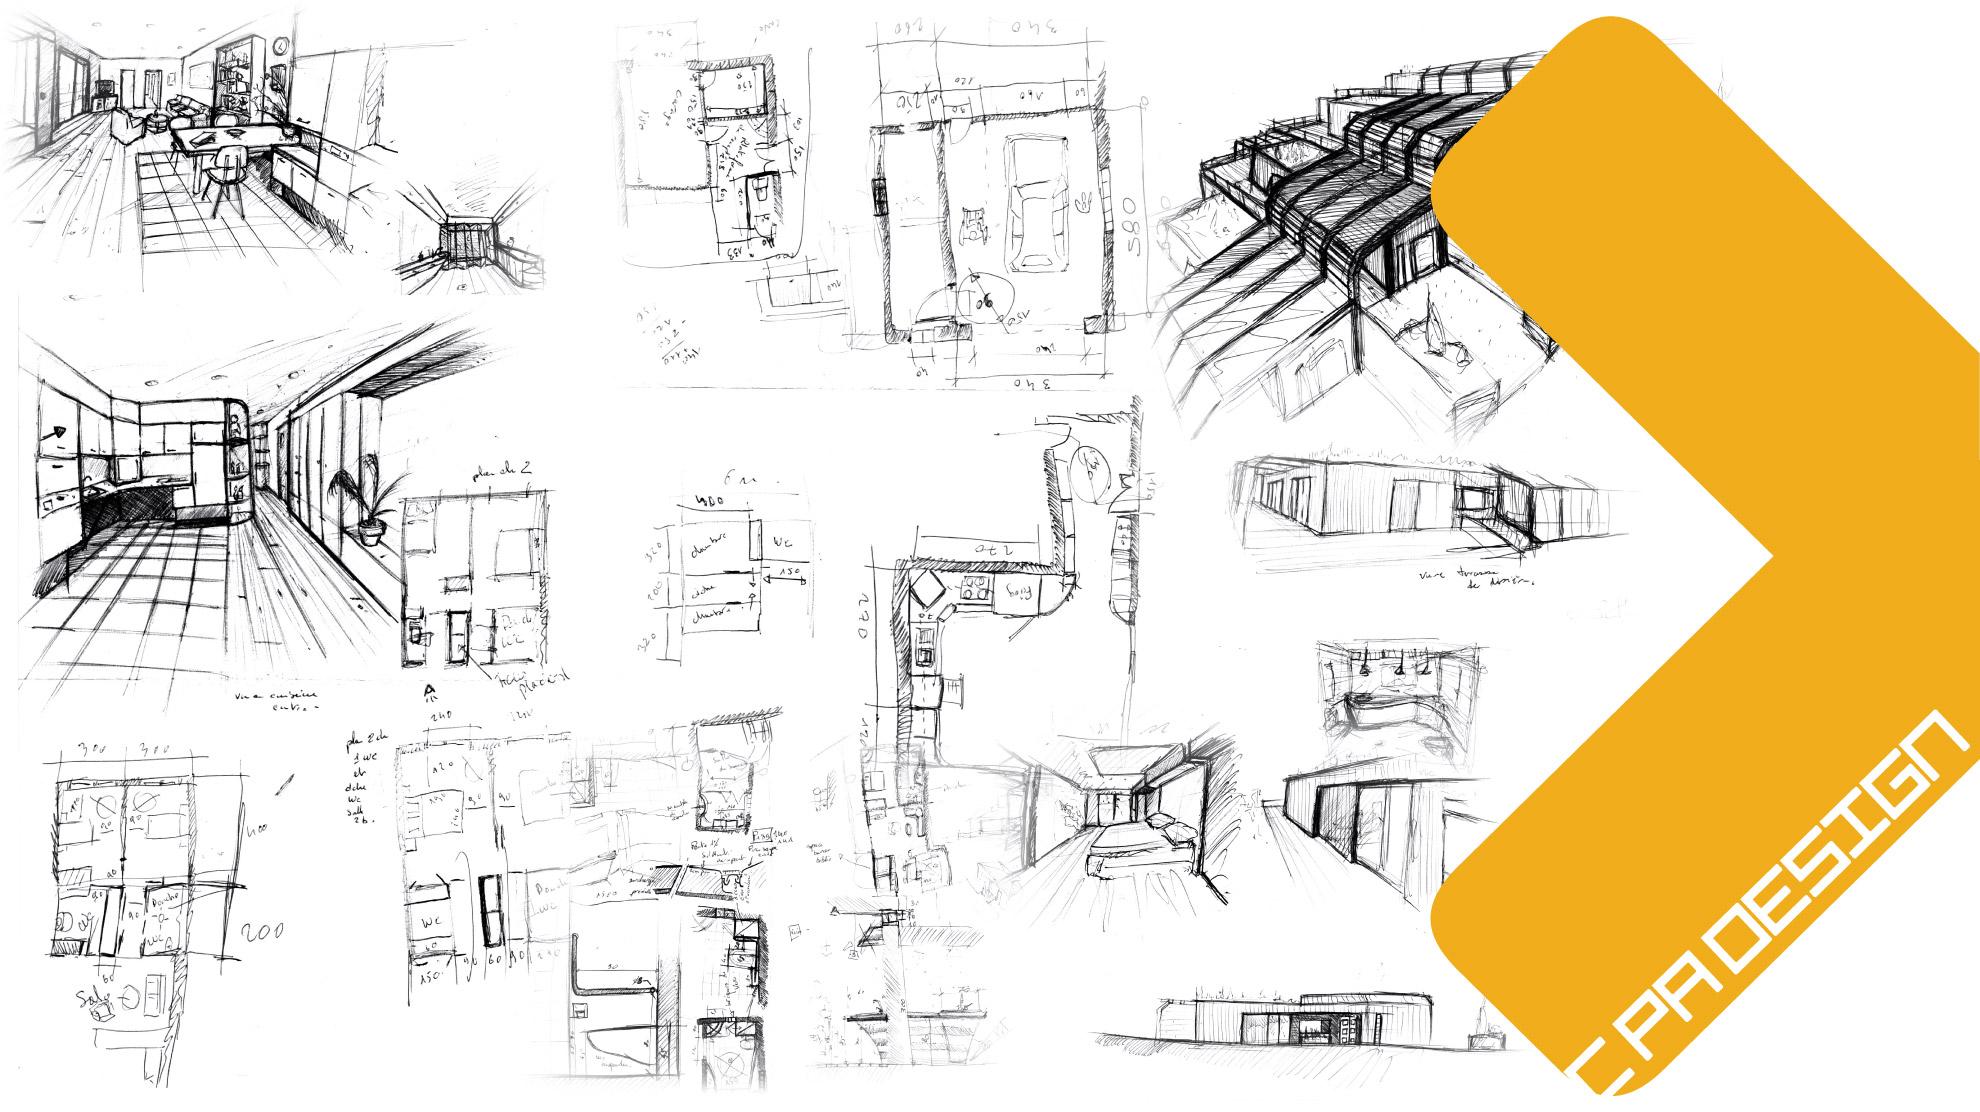 c_pa_design_interieur-architecture-permis-de-contruire_mobilier-transport-serie_innovation_relation_ecoute_unique_realisation_conception_prototype_realisation-projet